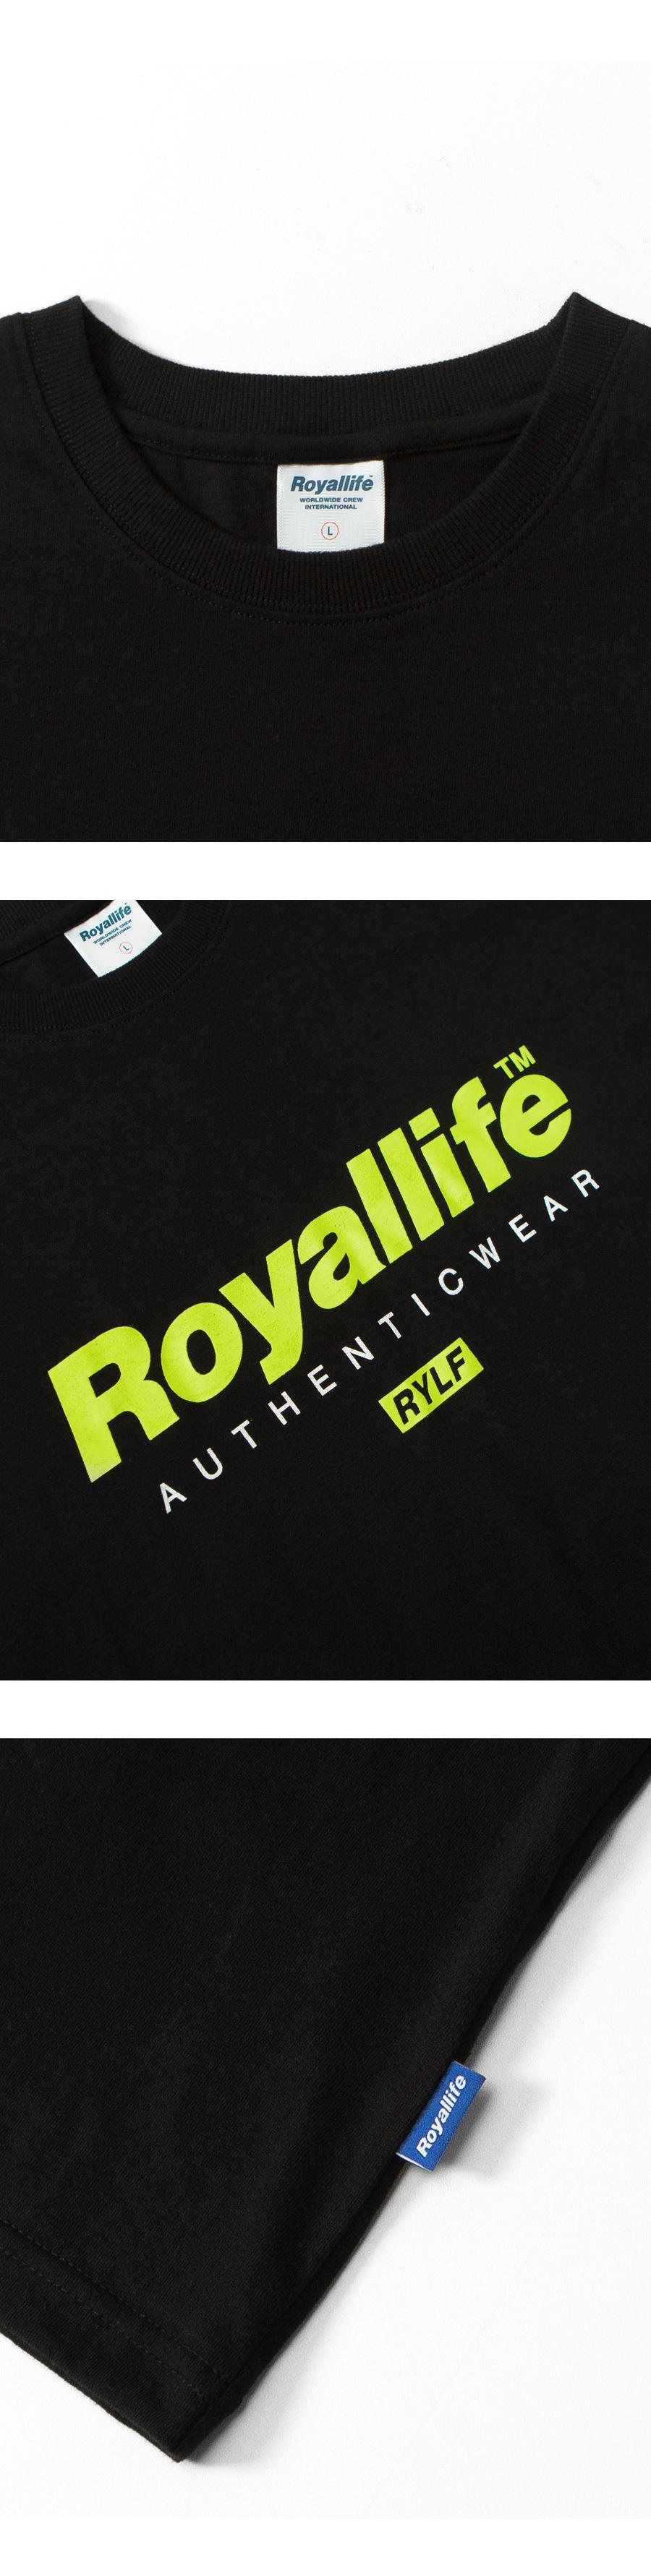 로얄라이프(ROYALLIFE) RL700 어센틱웨어 반팔 - 블랙